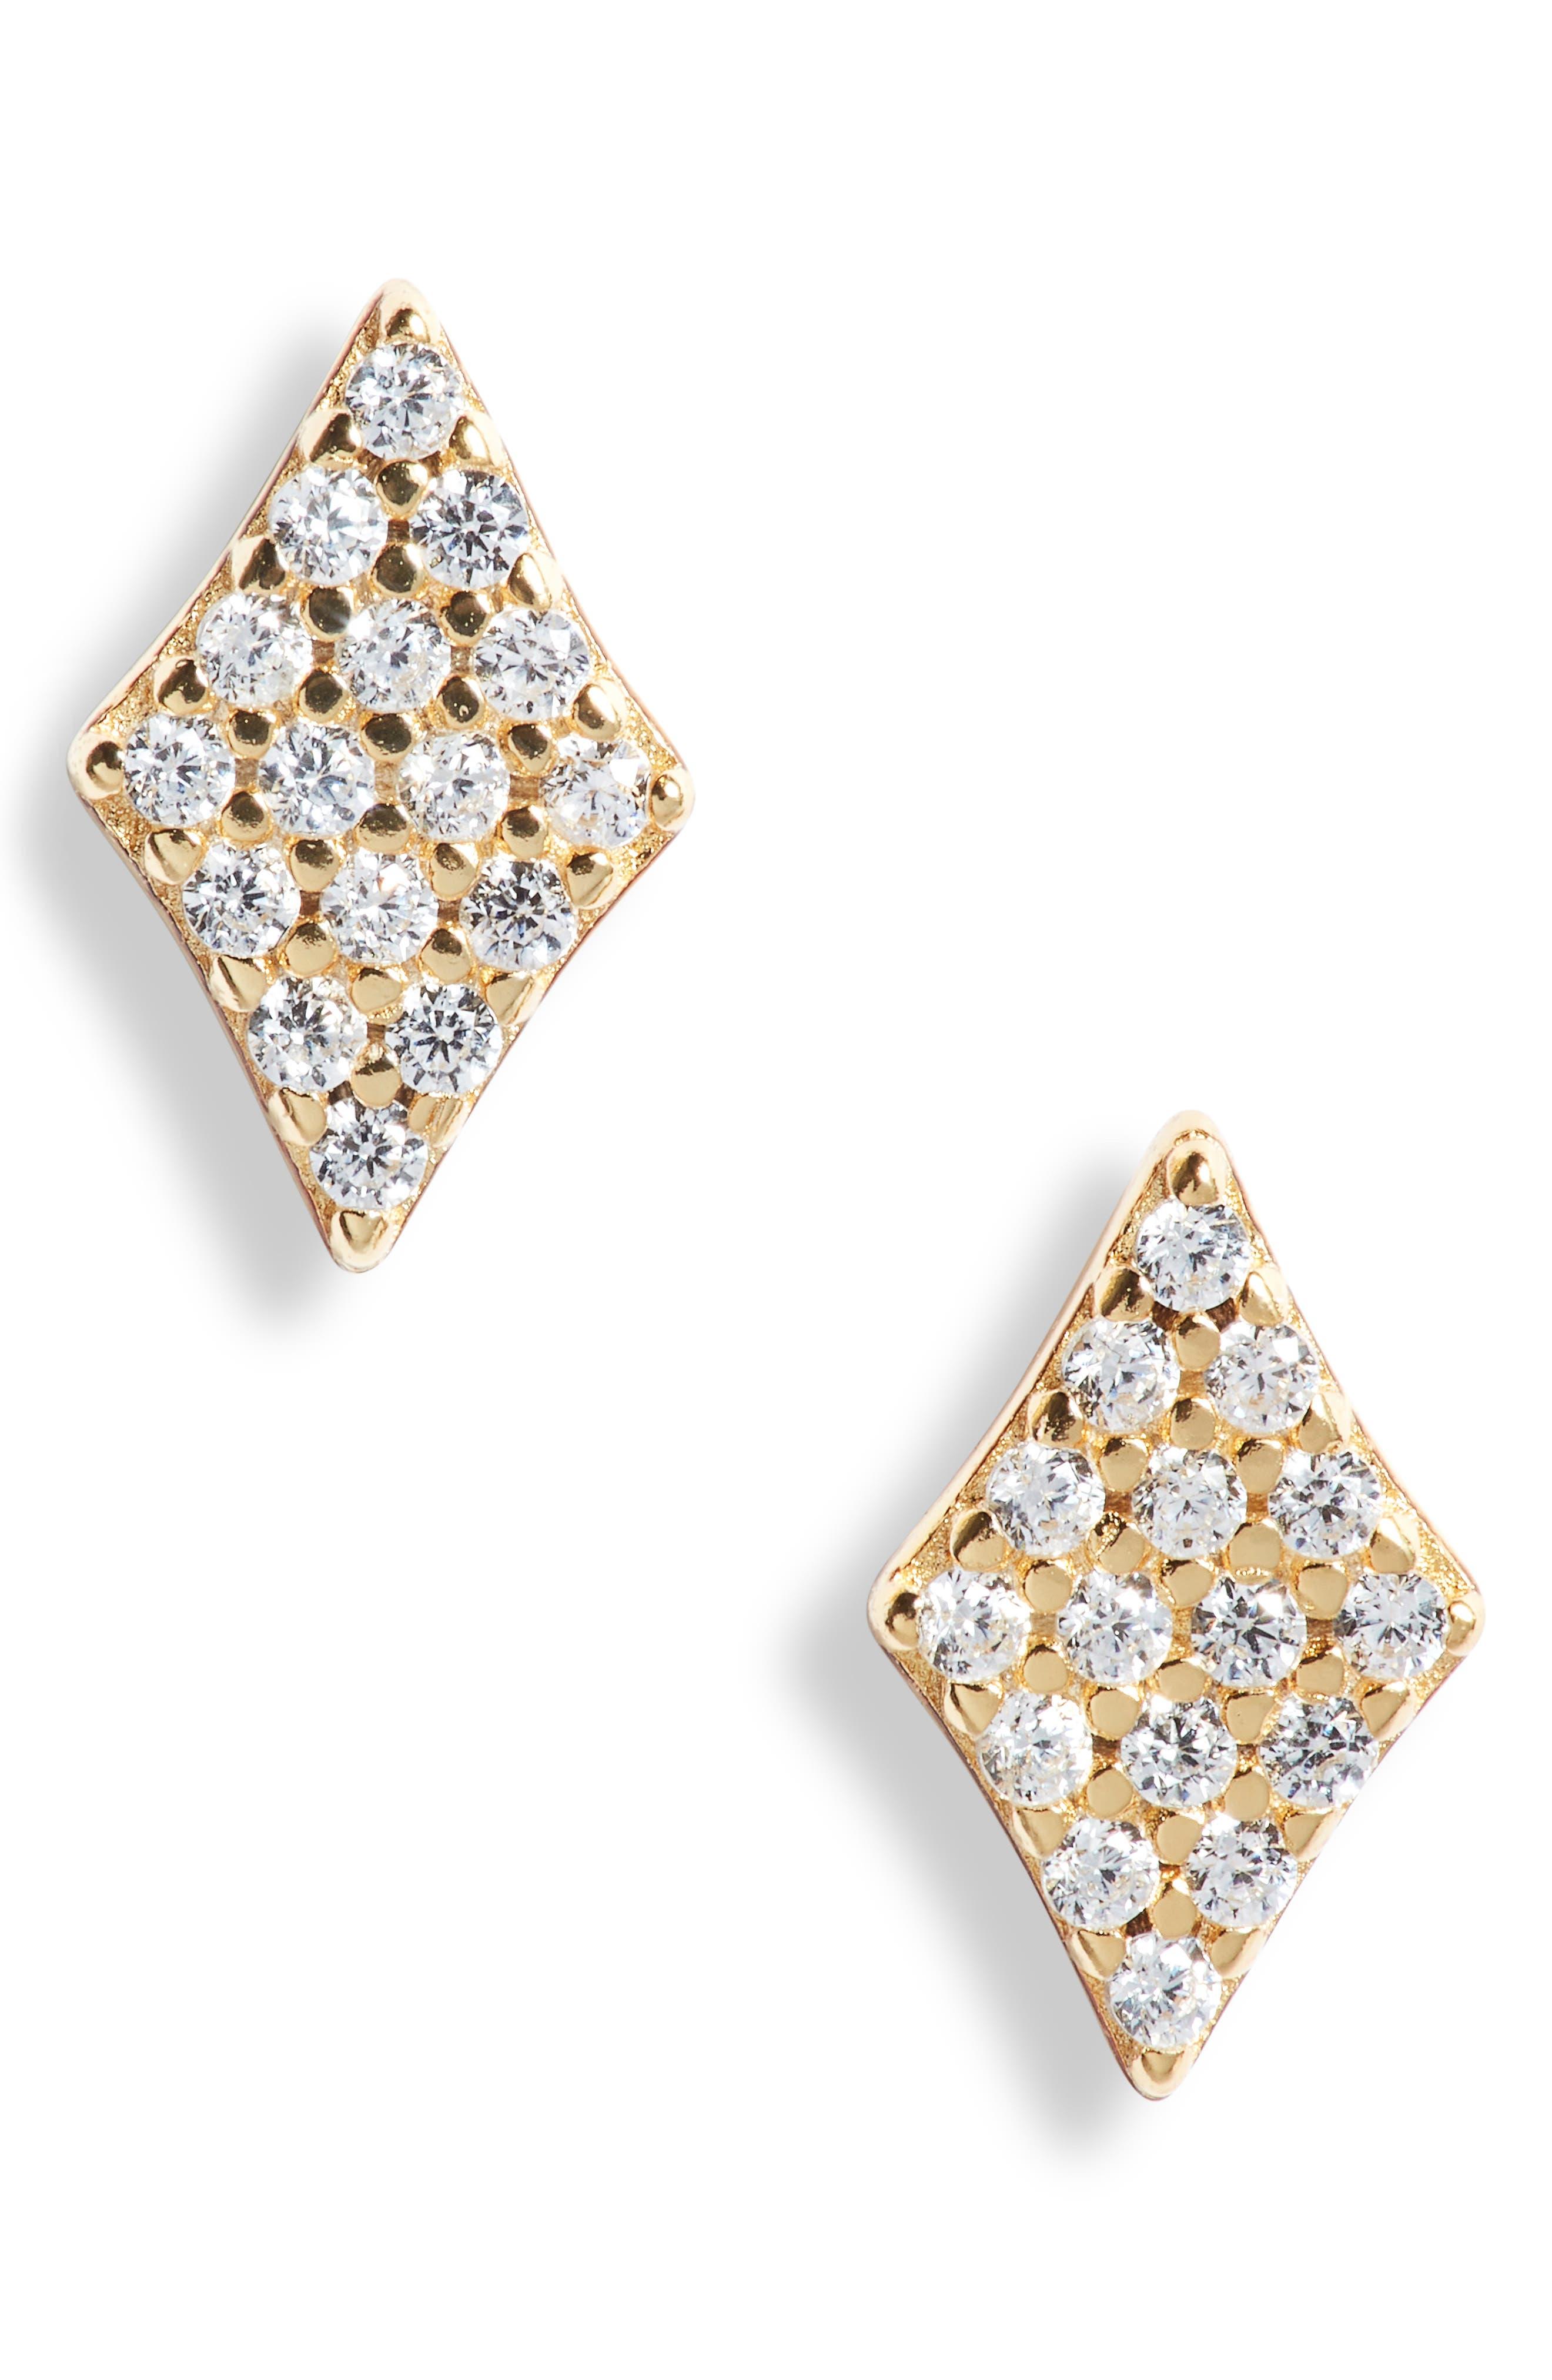 Cubic Zirconia Diamond Shape Stud Earrings